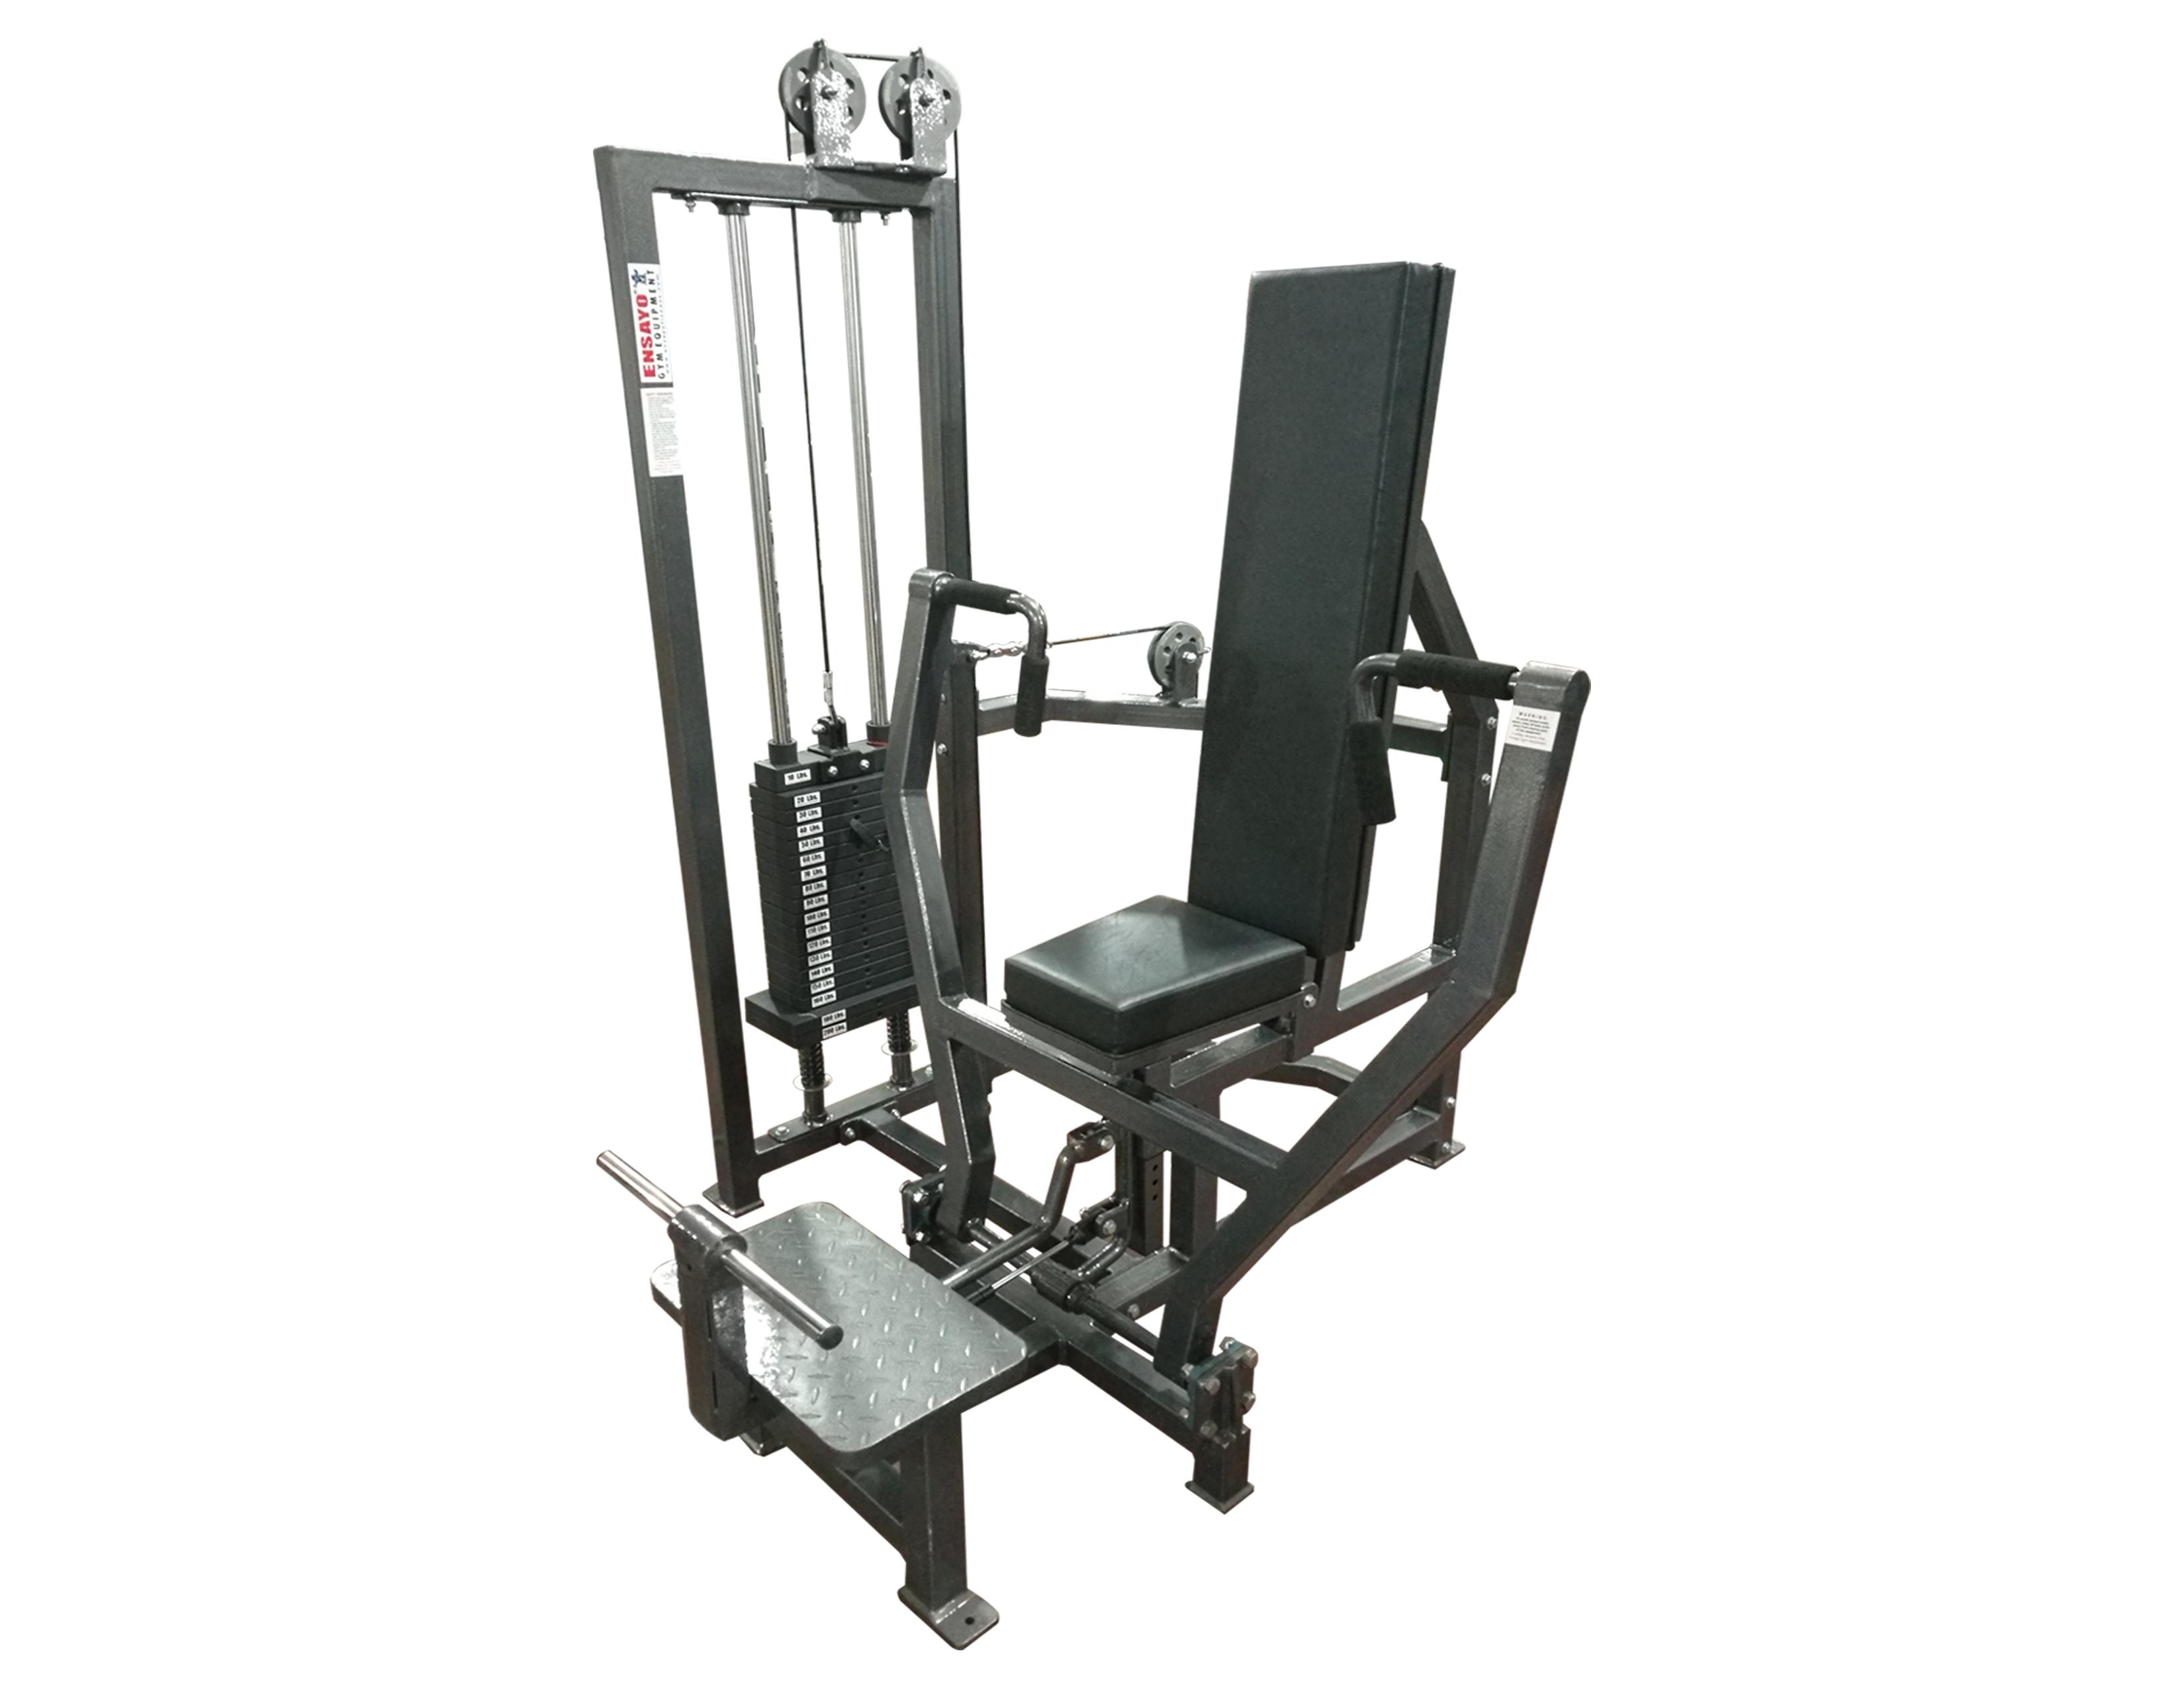 Chest Press Machine 200lbs B Ensayo Gym Equipment Inc